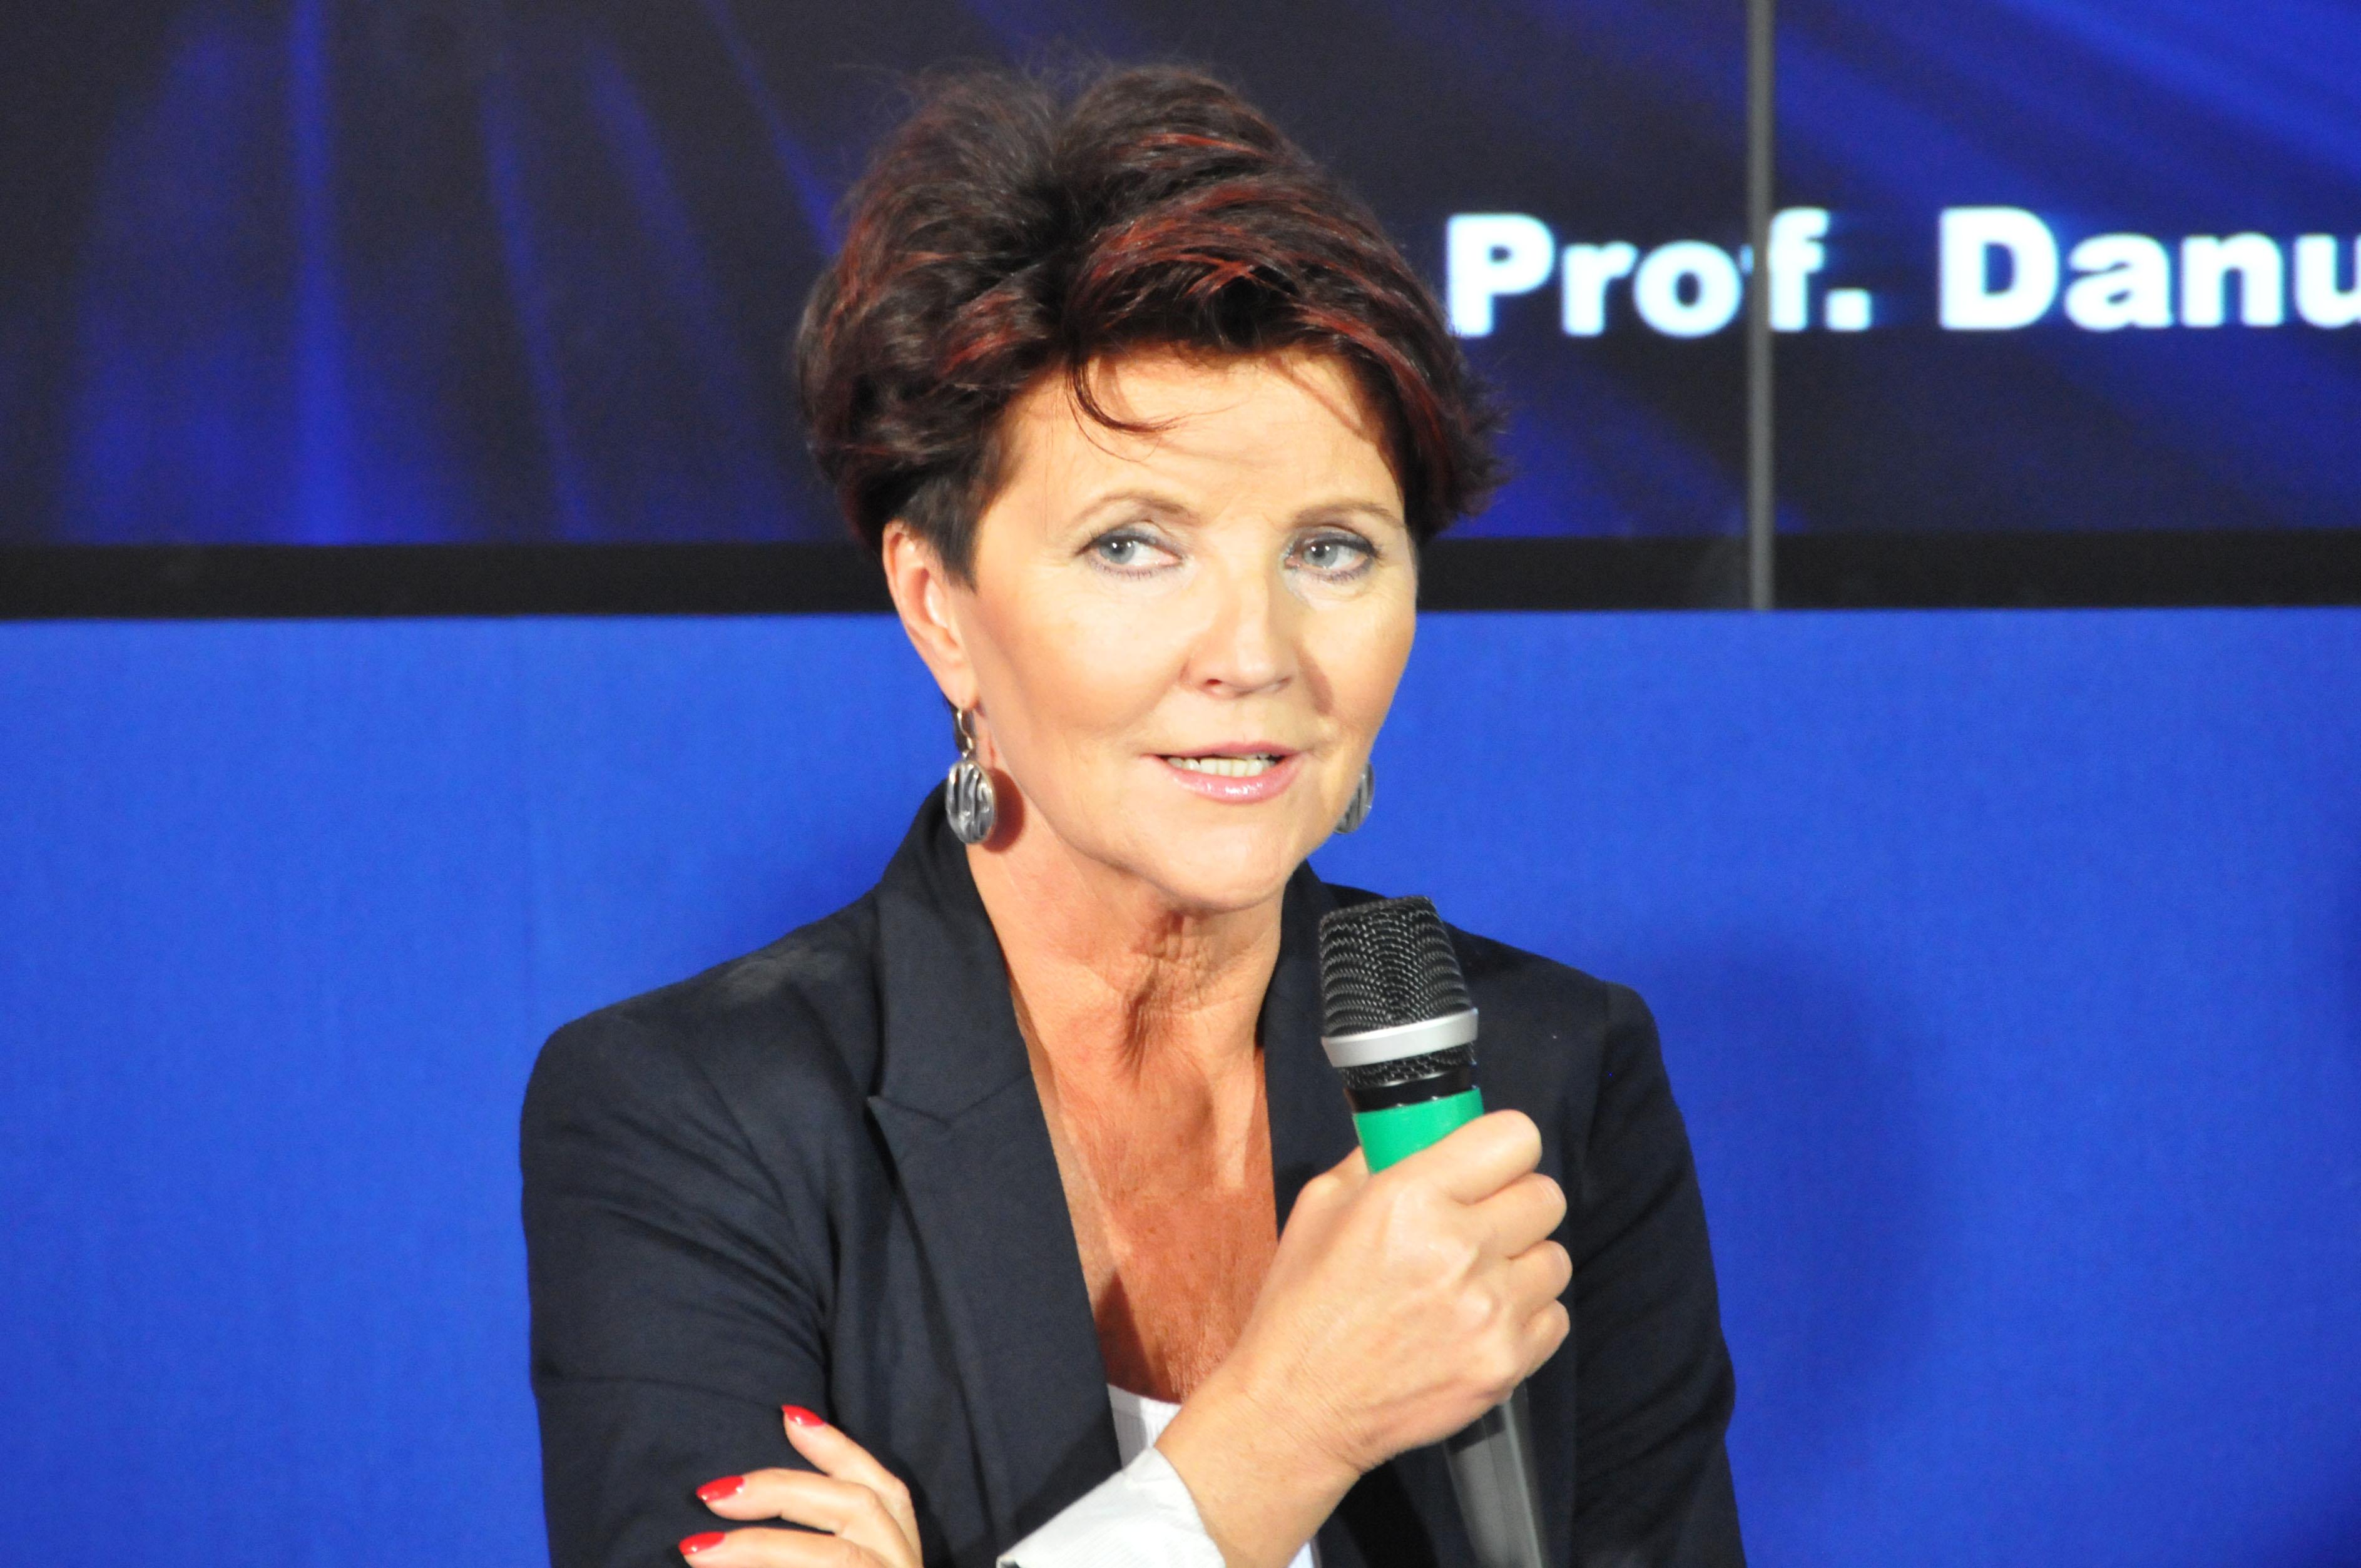 """Jolanta Kwaśniewska prosi Polaków o przebaczenie. """"Ubolewam i strasznie jest mi przykro"""""""